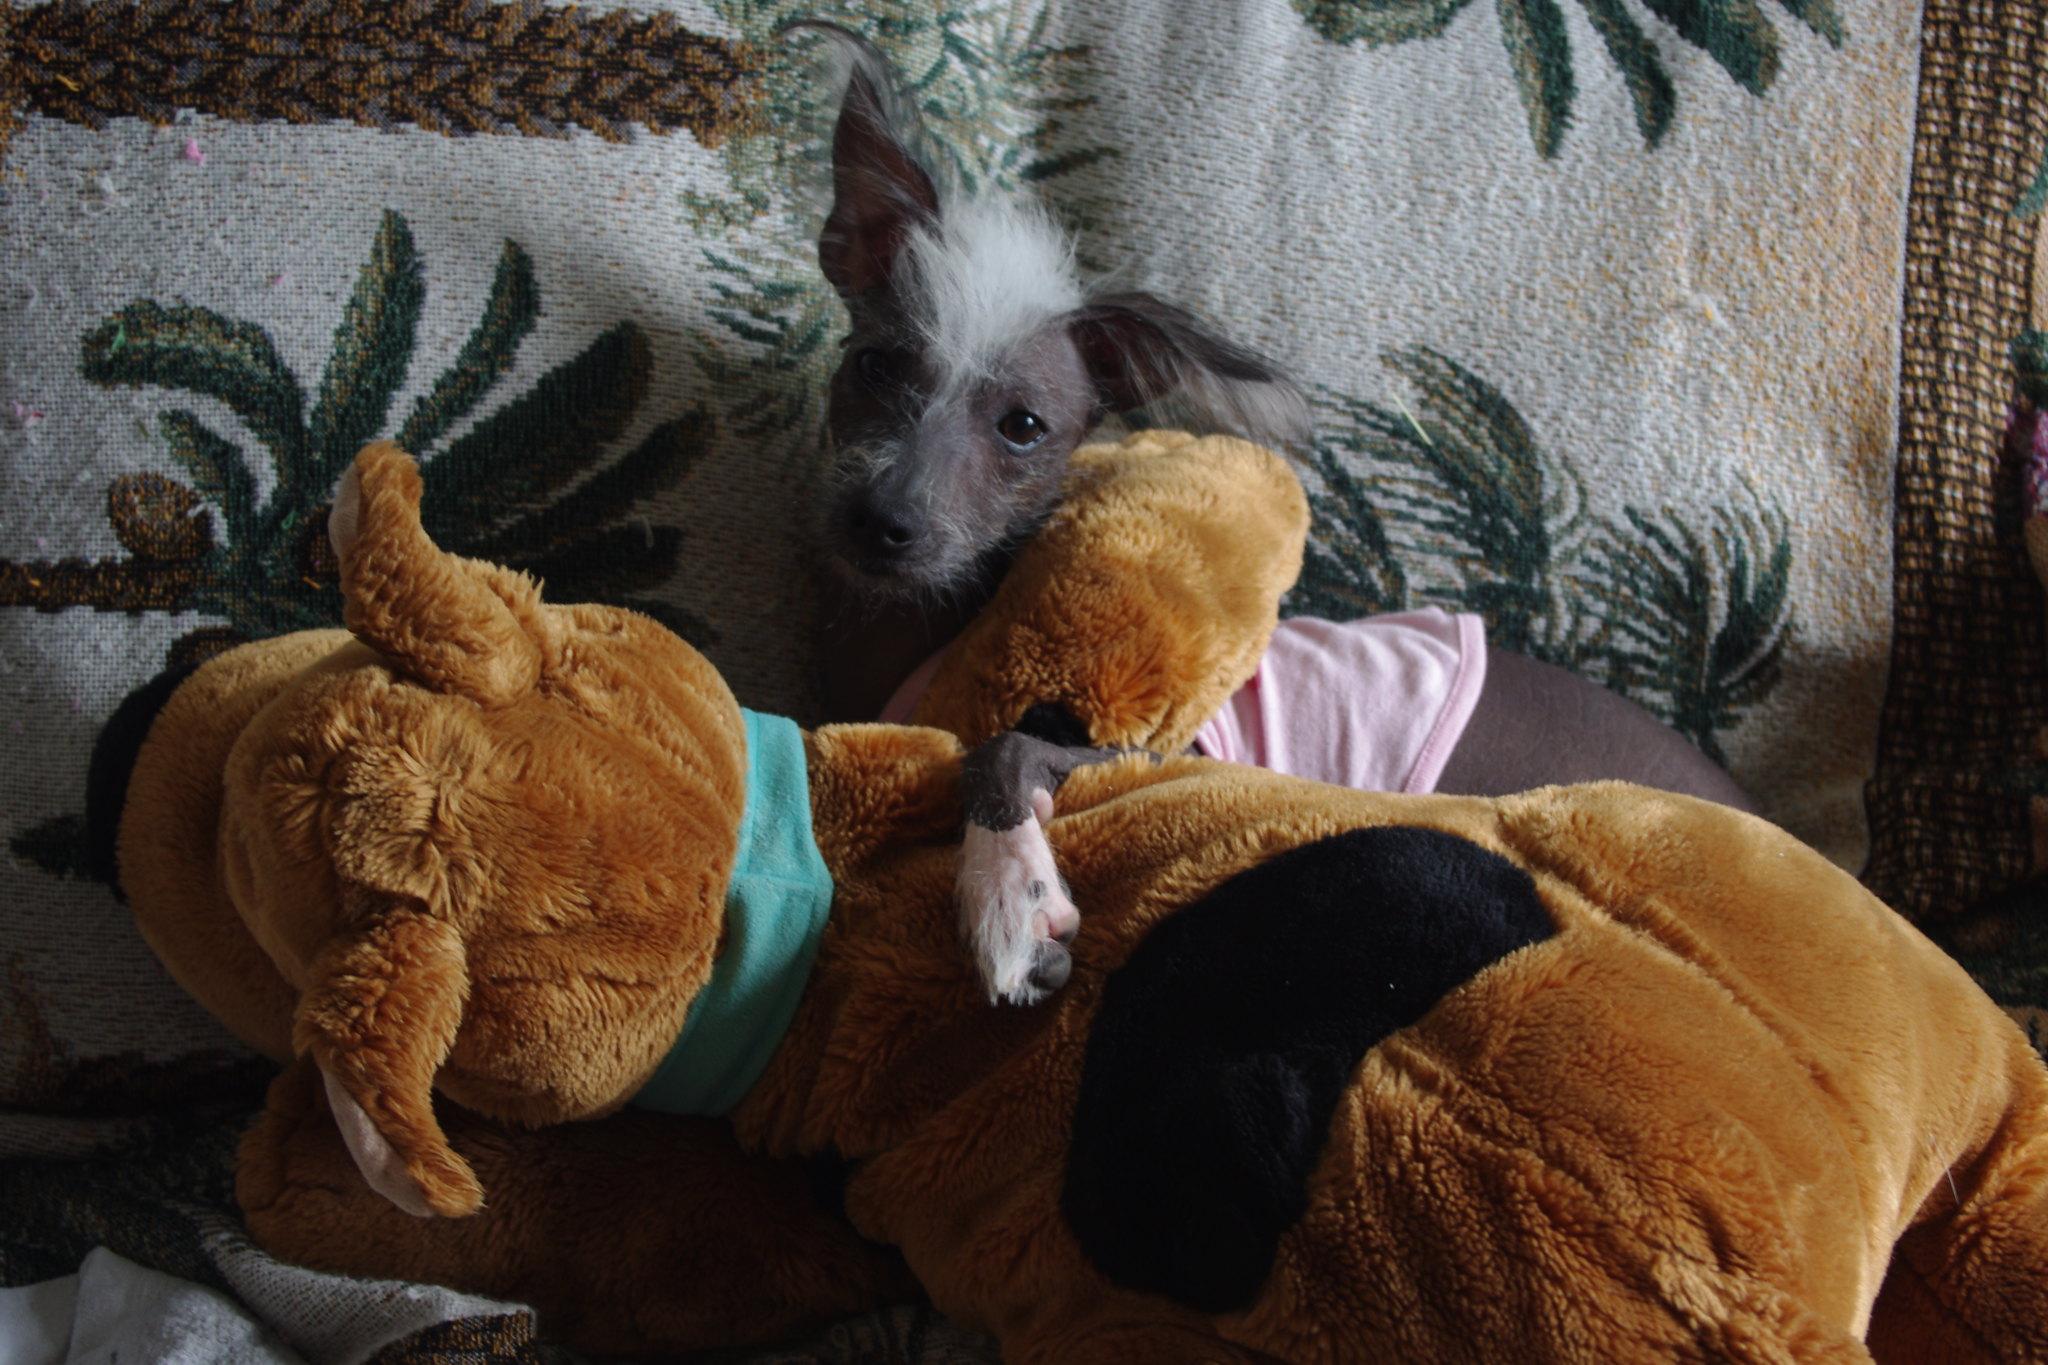 cachorro pelado - cao pelado peruano